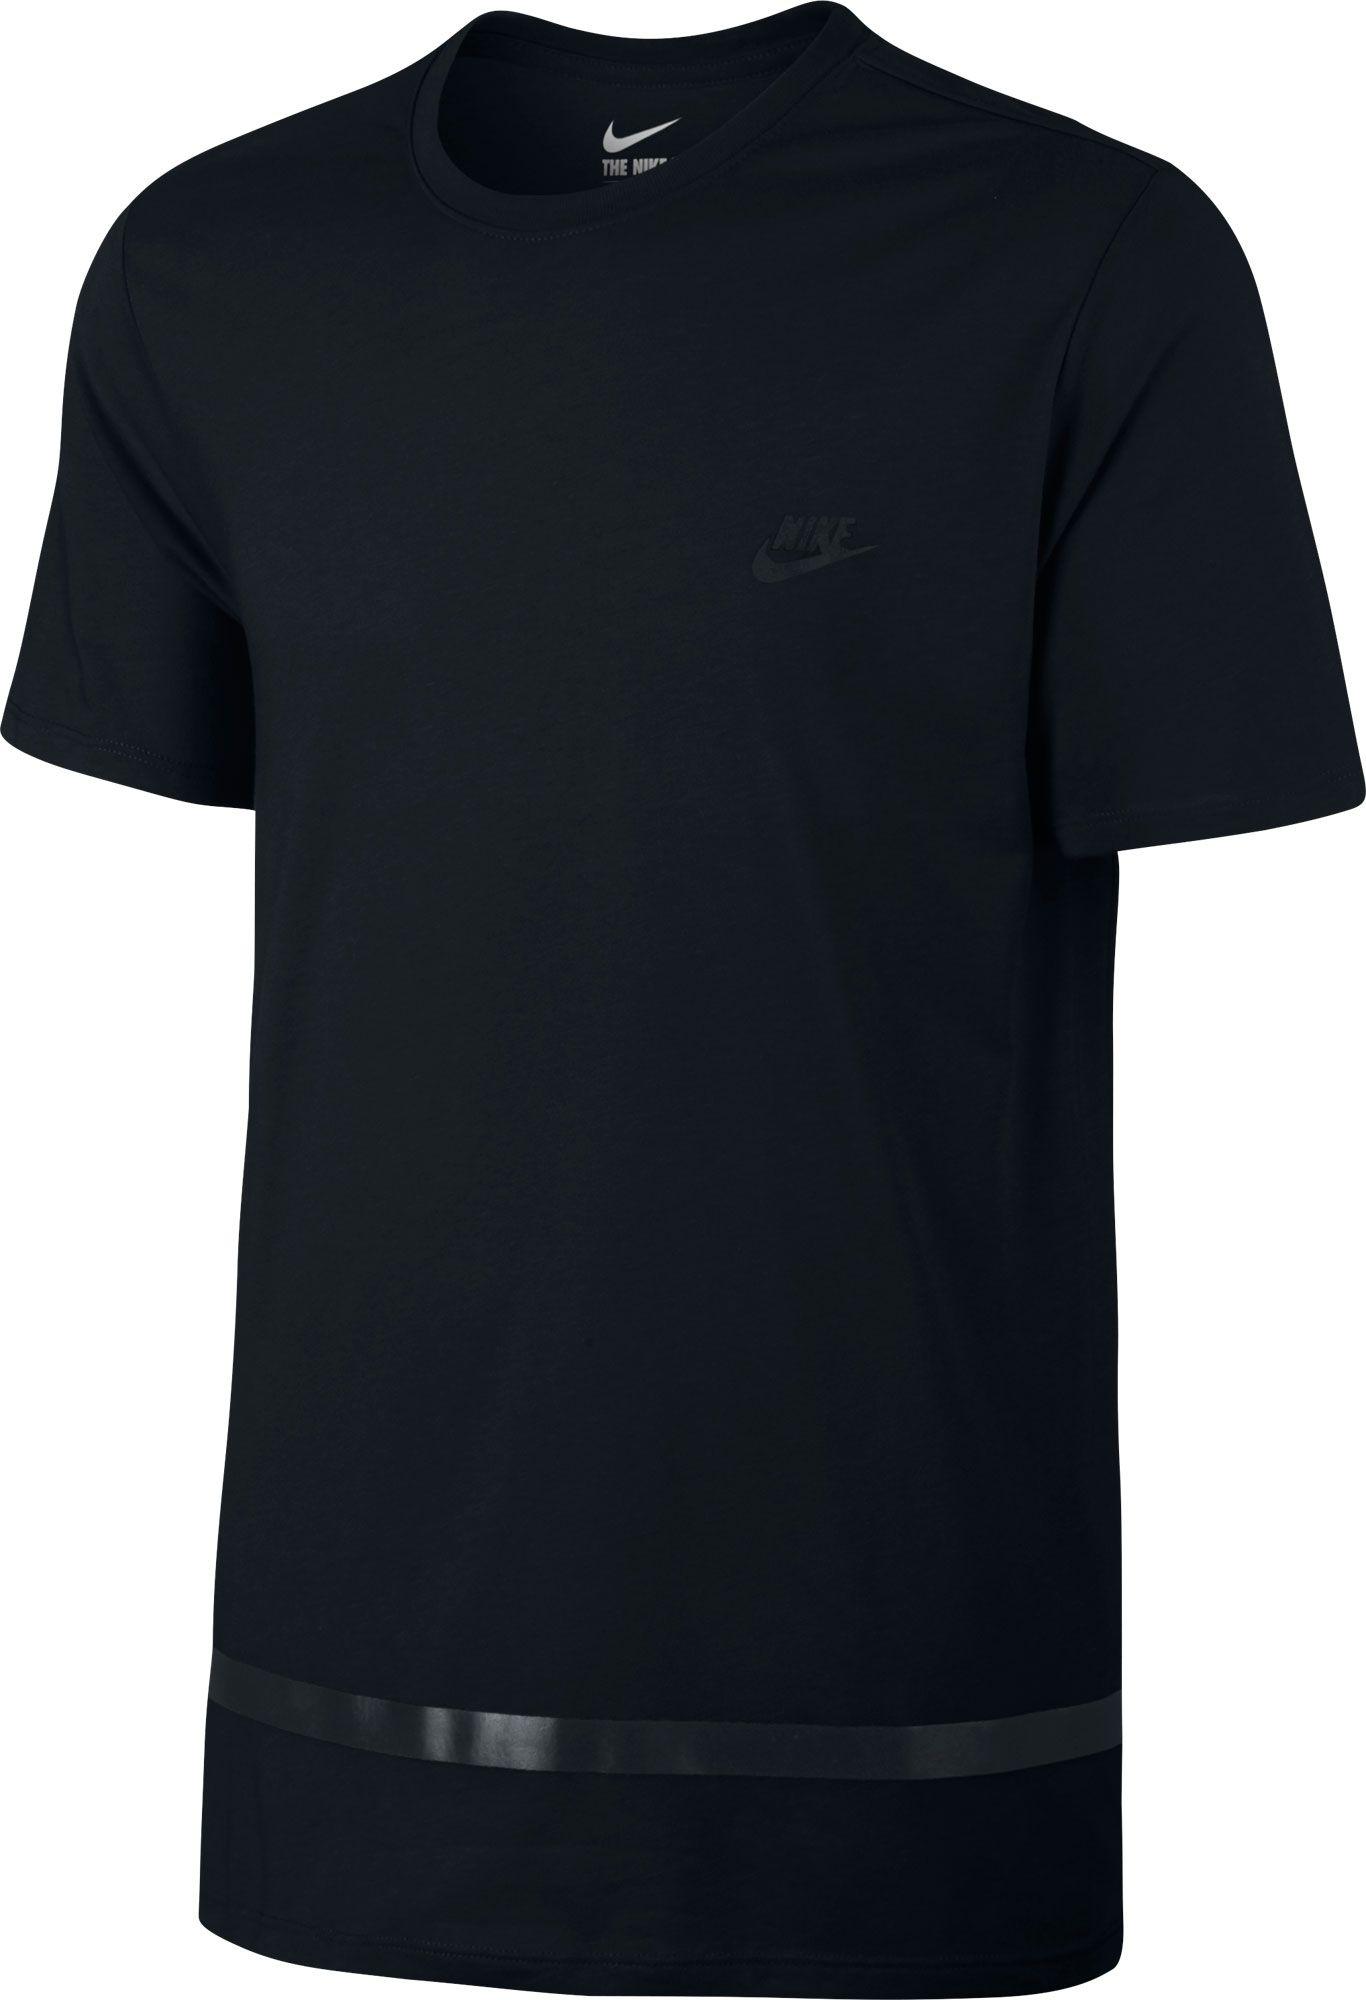 holiday tournament t shirt design ideas custom basketball - Basketball T Shirt Design Ideas